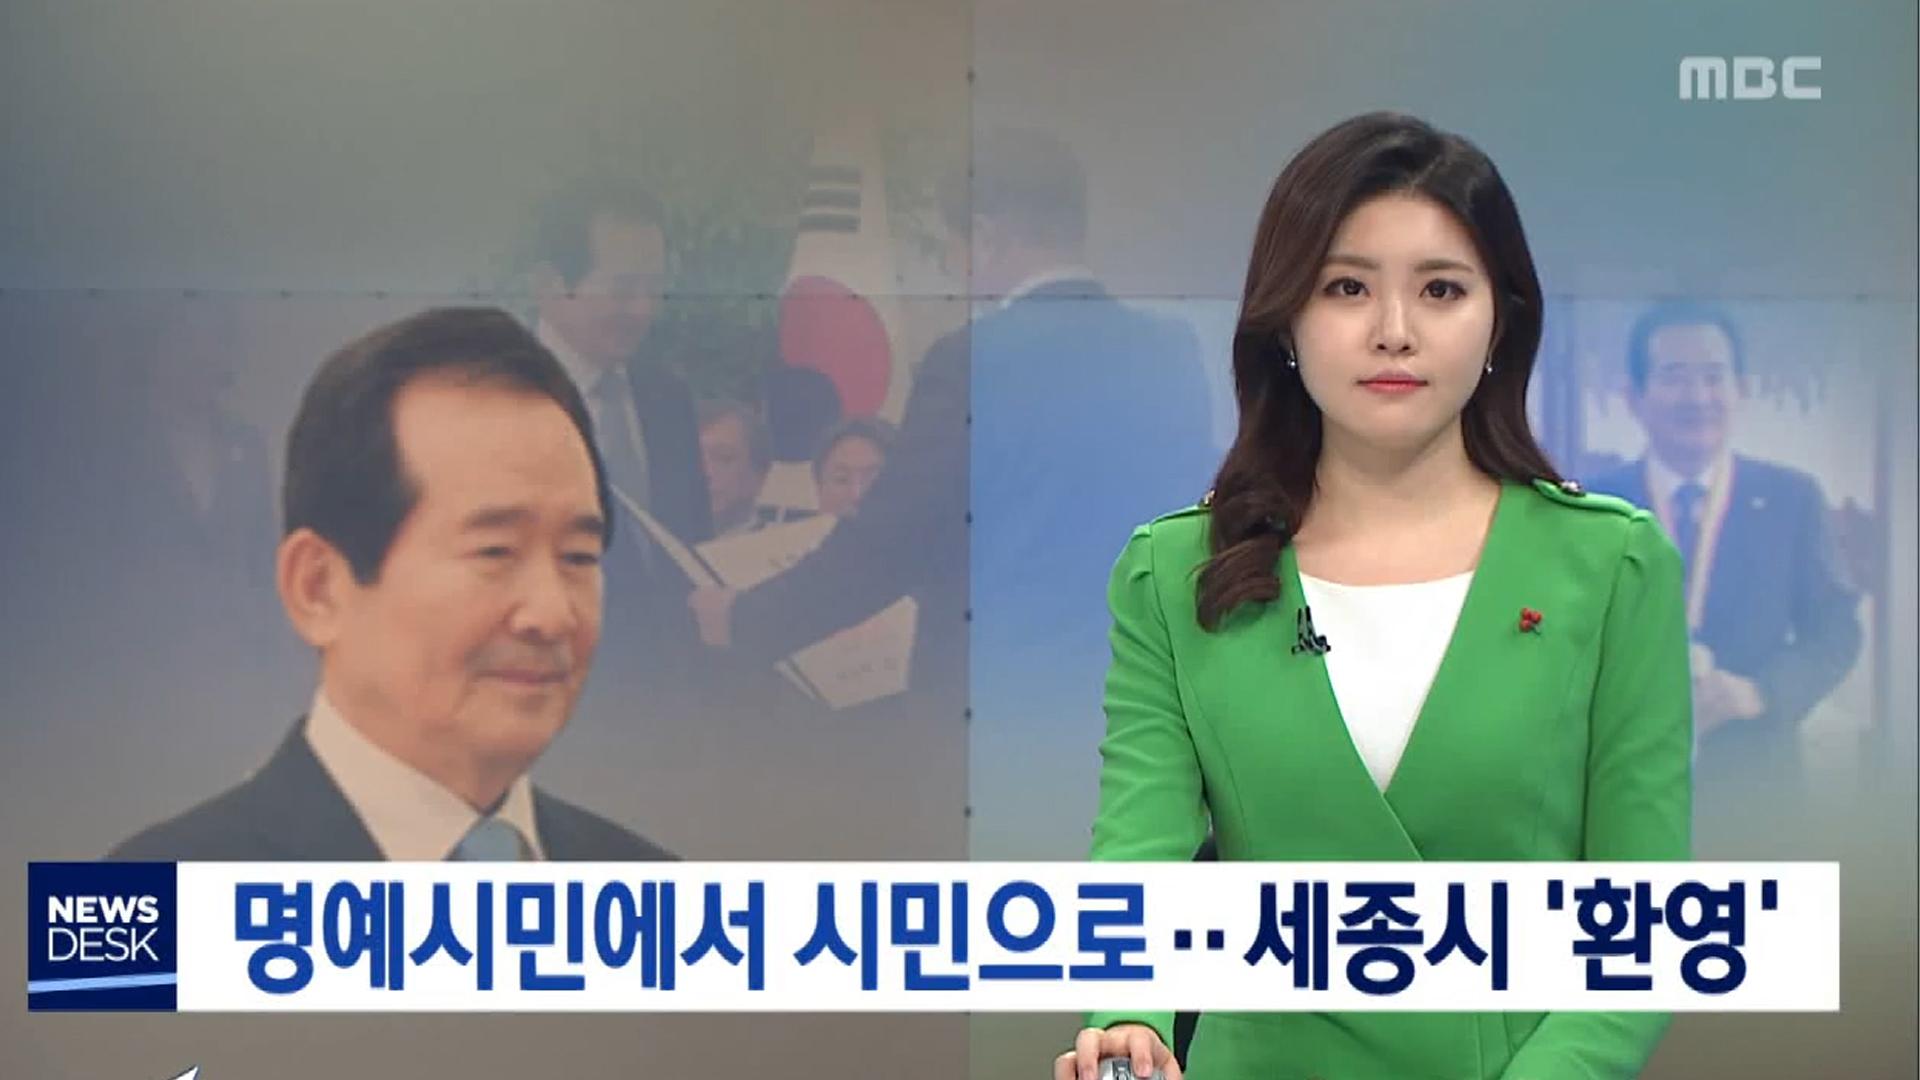 <대전MBC> 명예시민에서 시민으로…세종시 환영